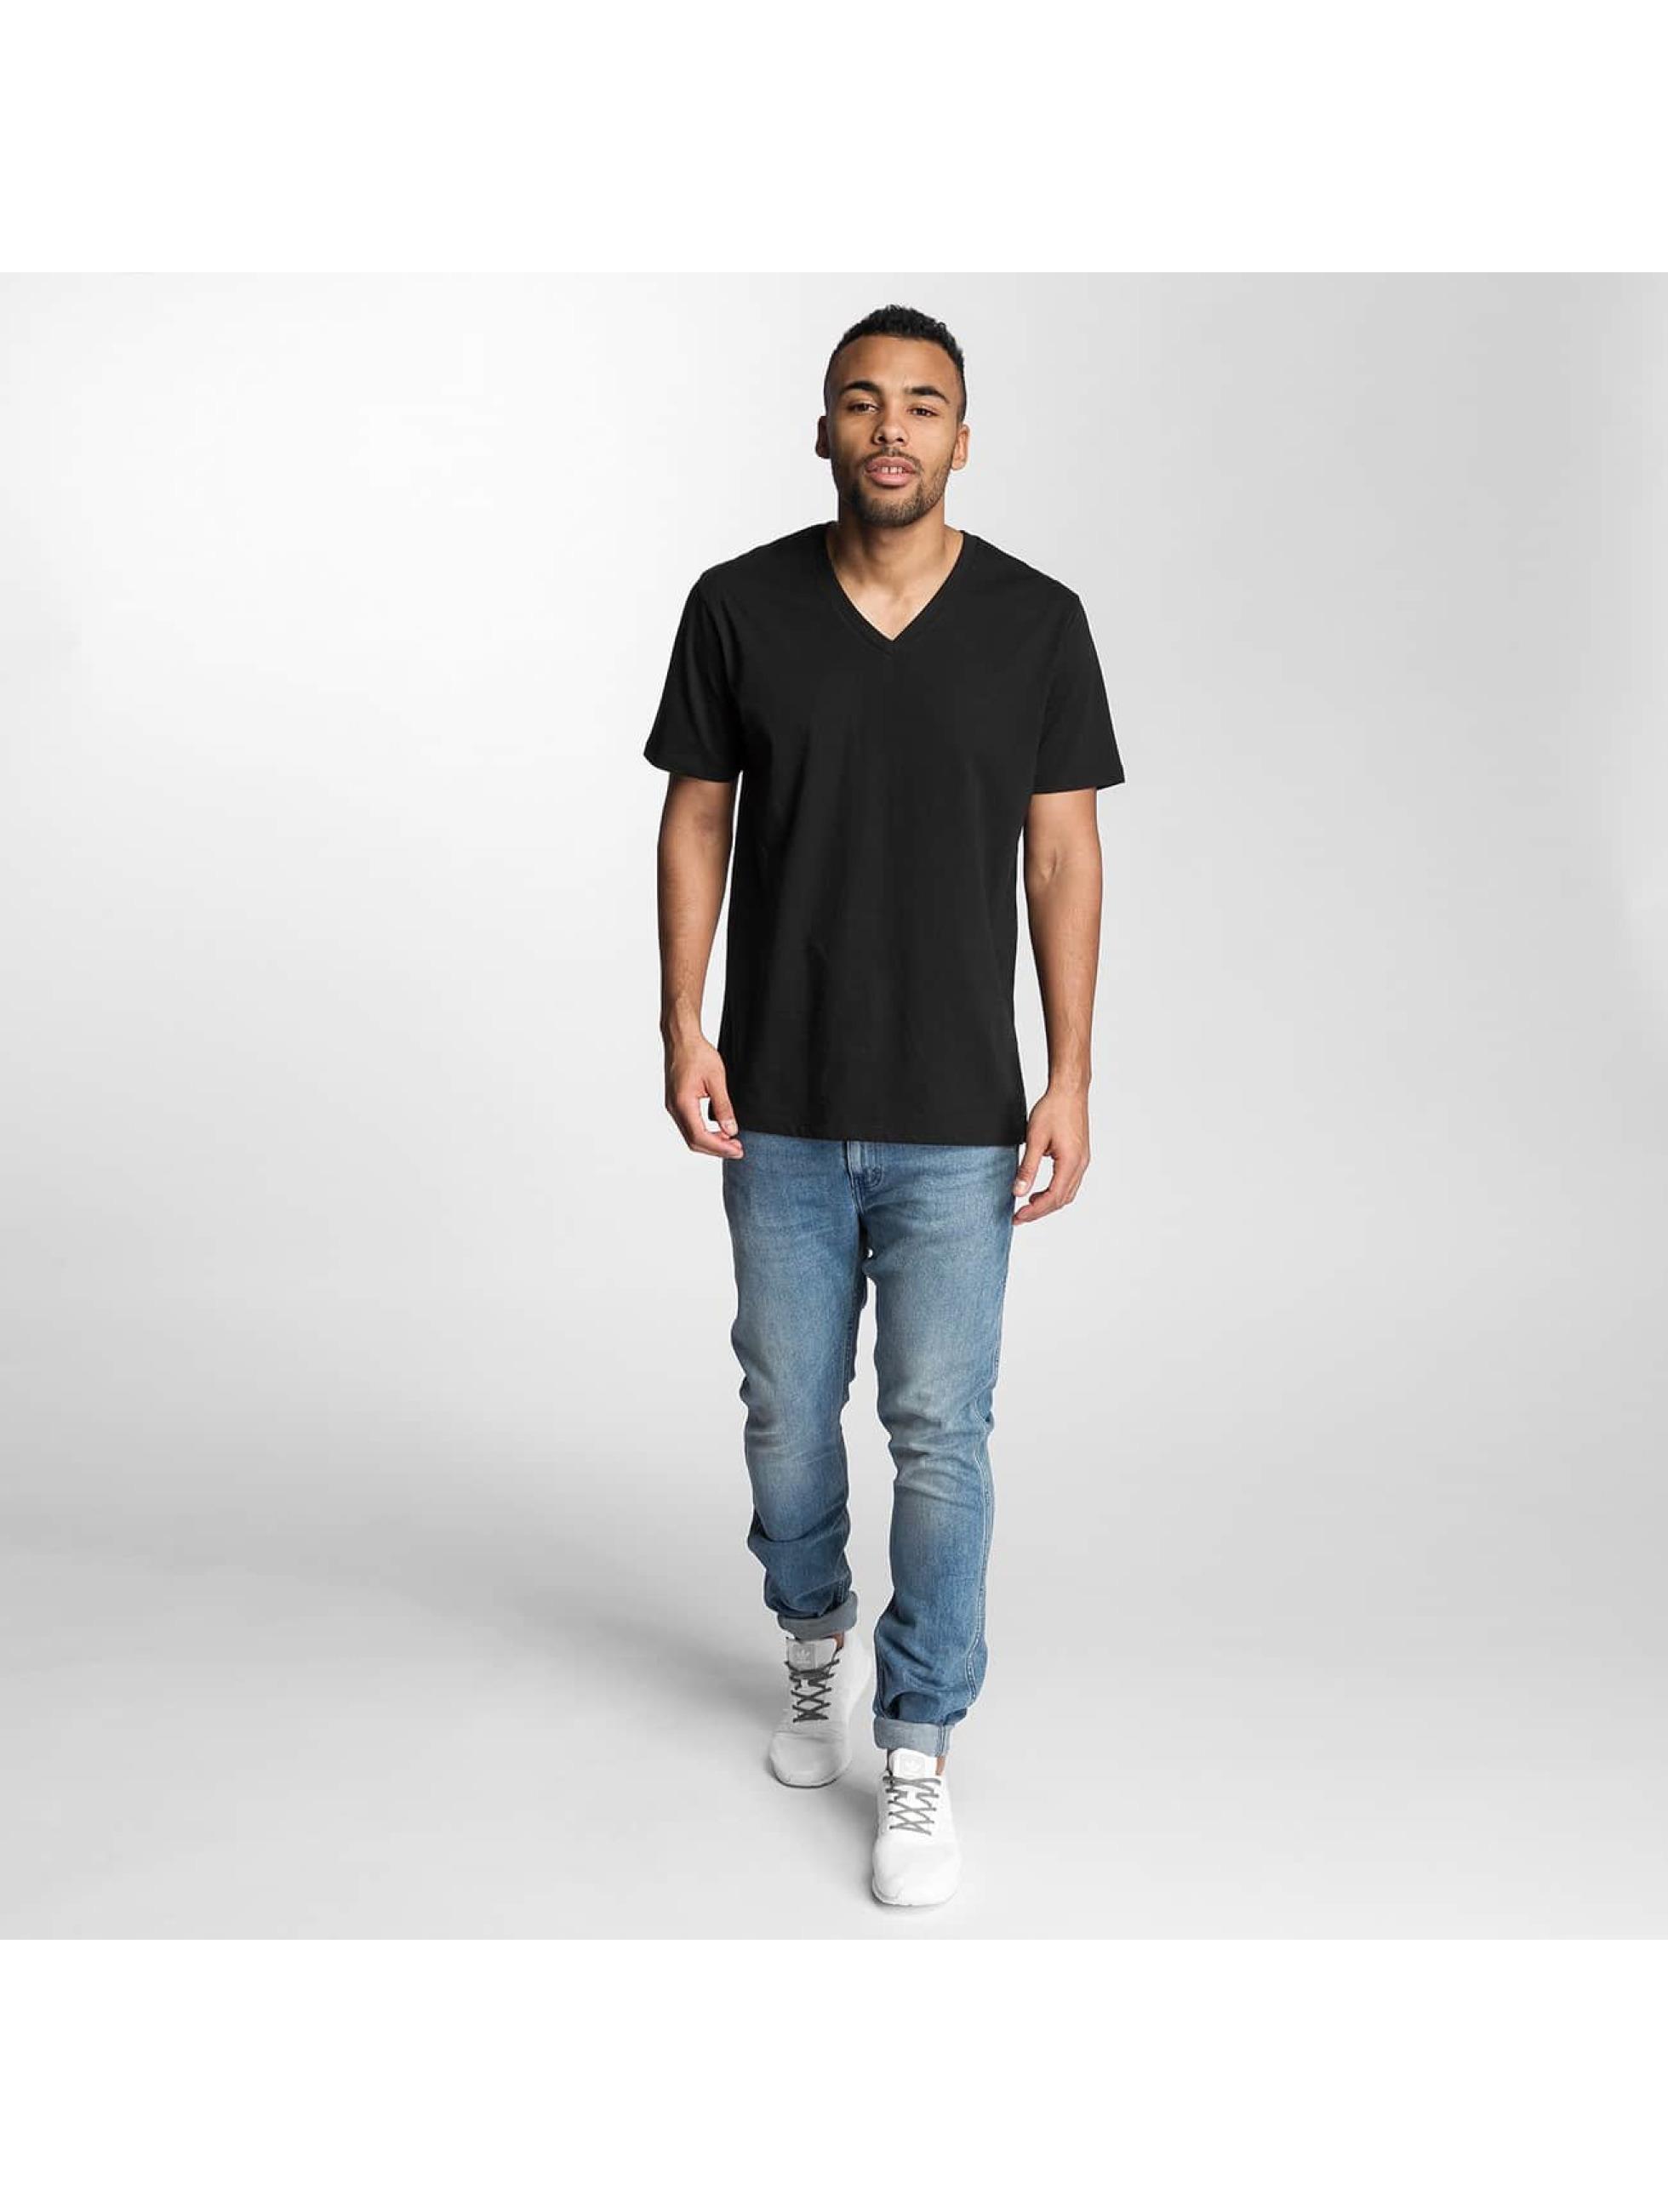 Levi's® T-Shirt V-Neck black